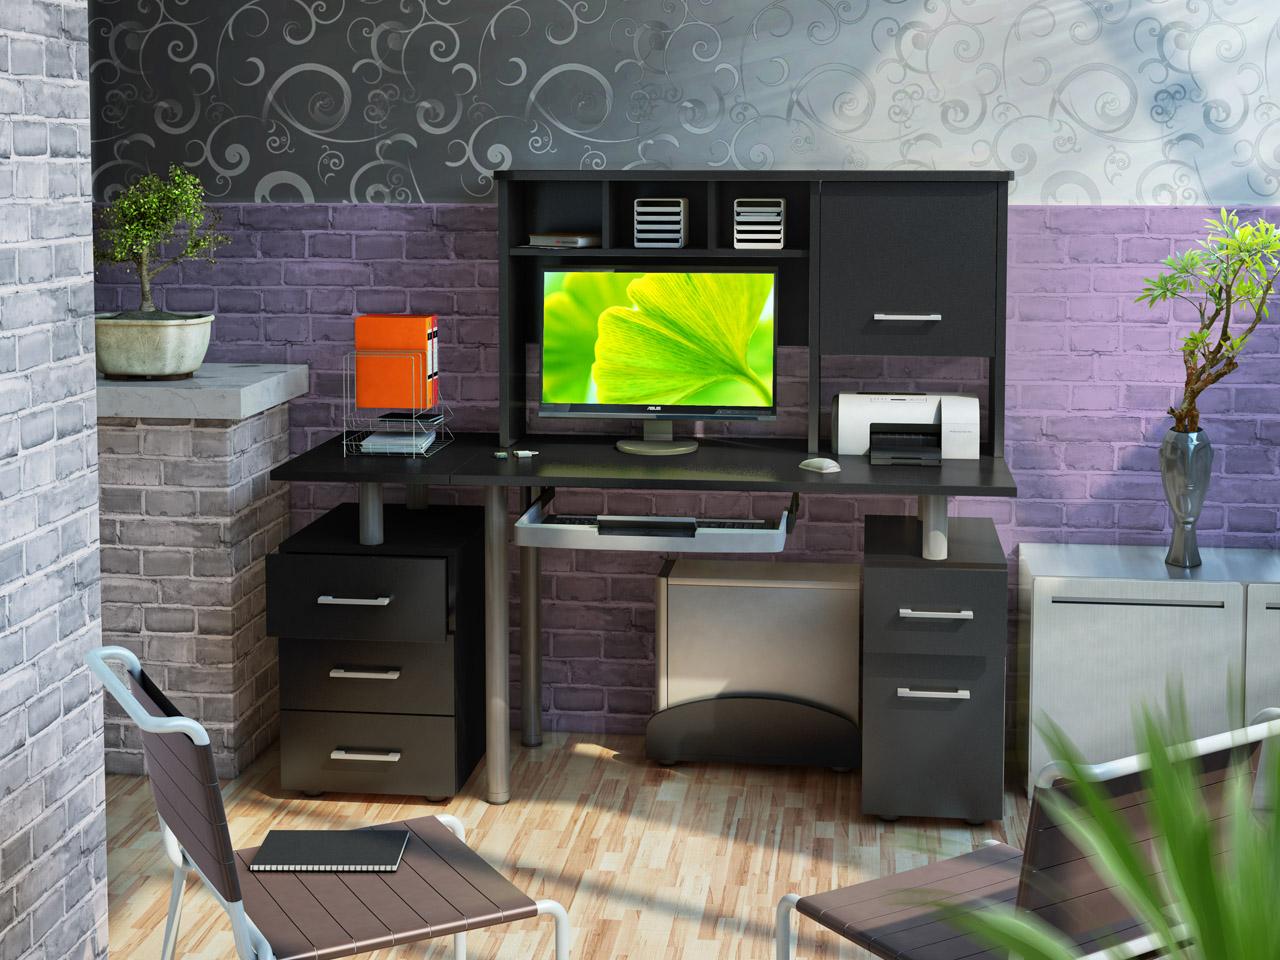 Компьютерный стол в интерьере - агентство недвижимости довер.